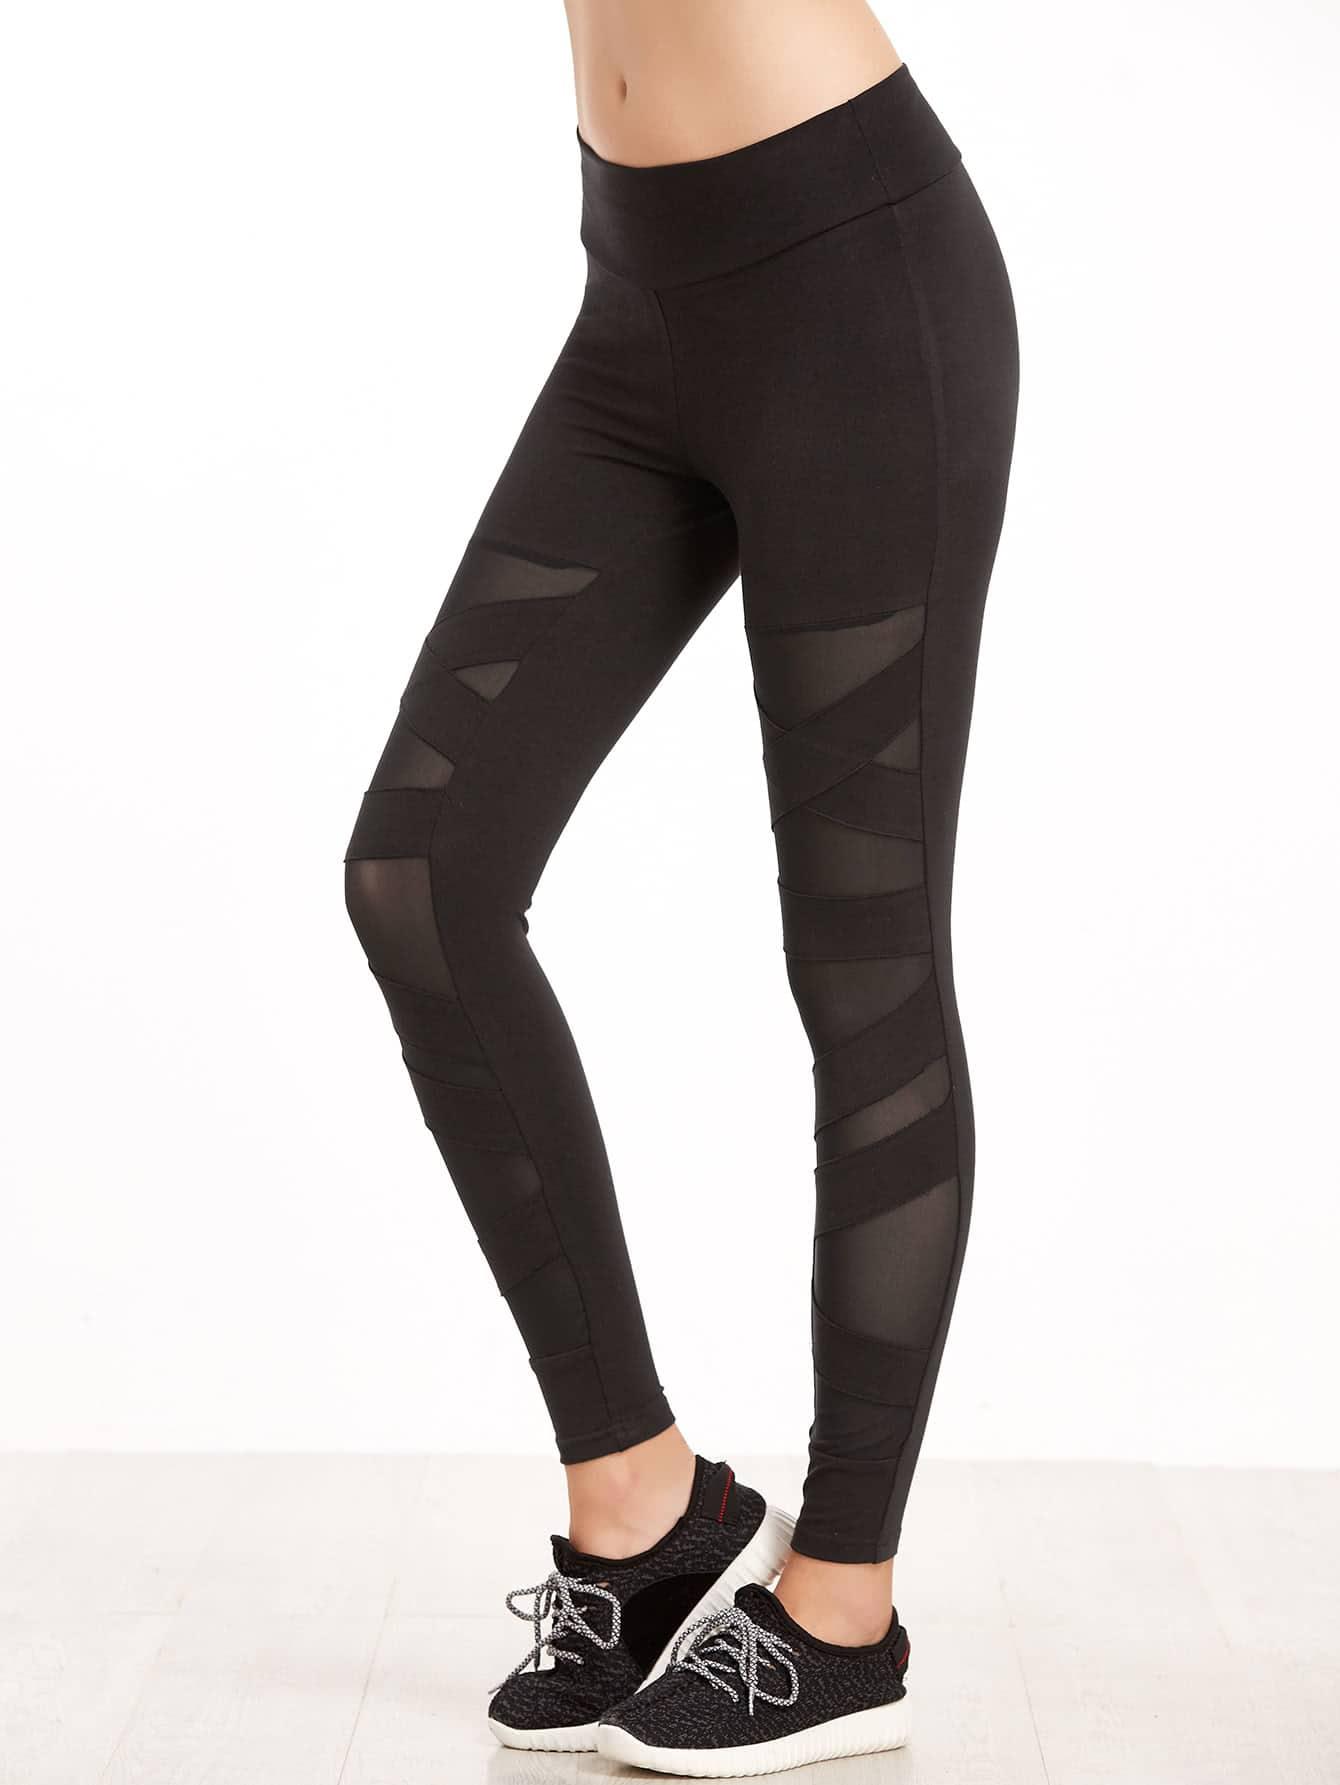 Black Crisscross Mesh Panel Leggings leggings161128702